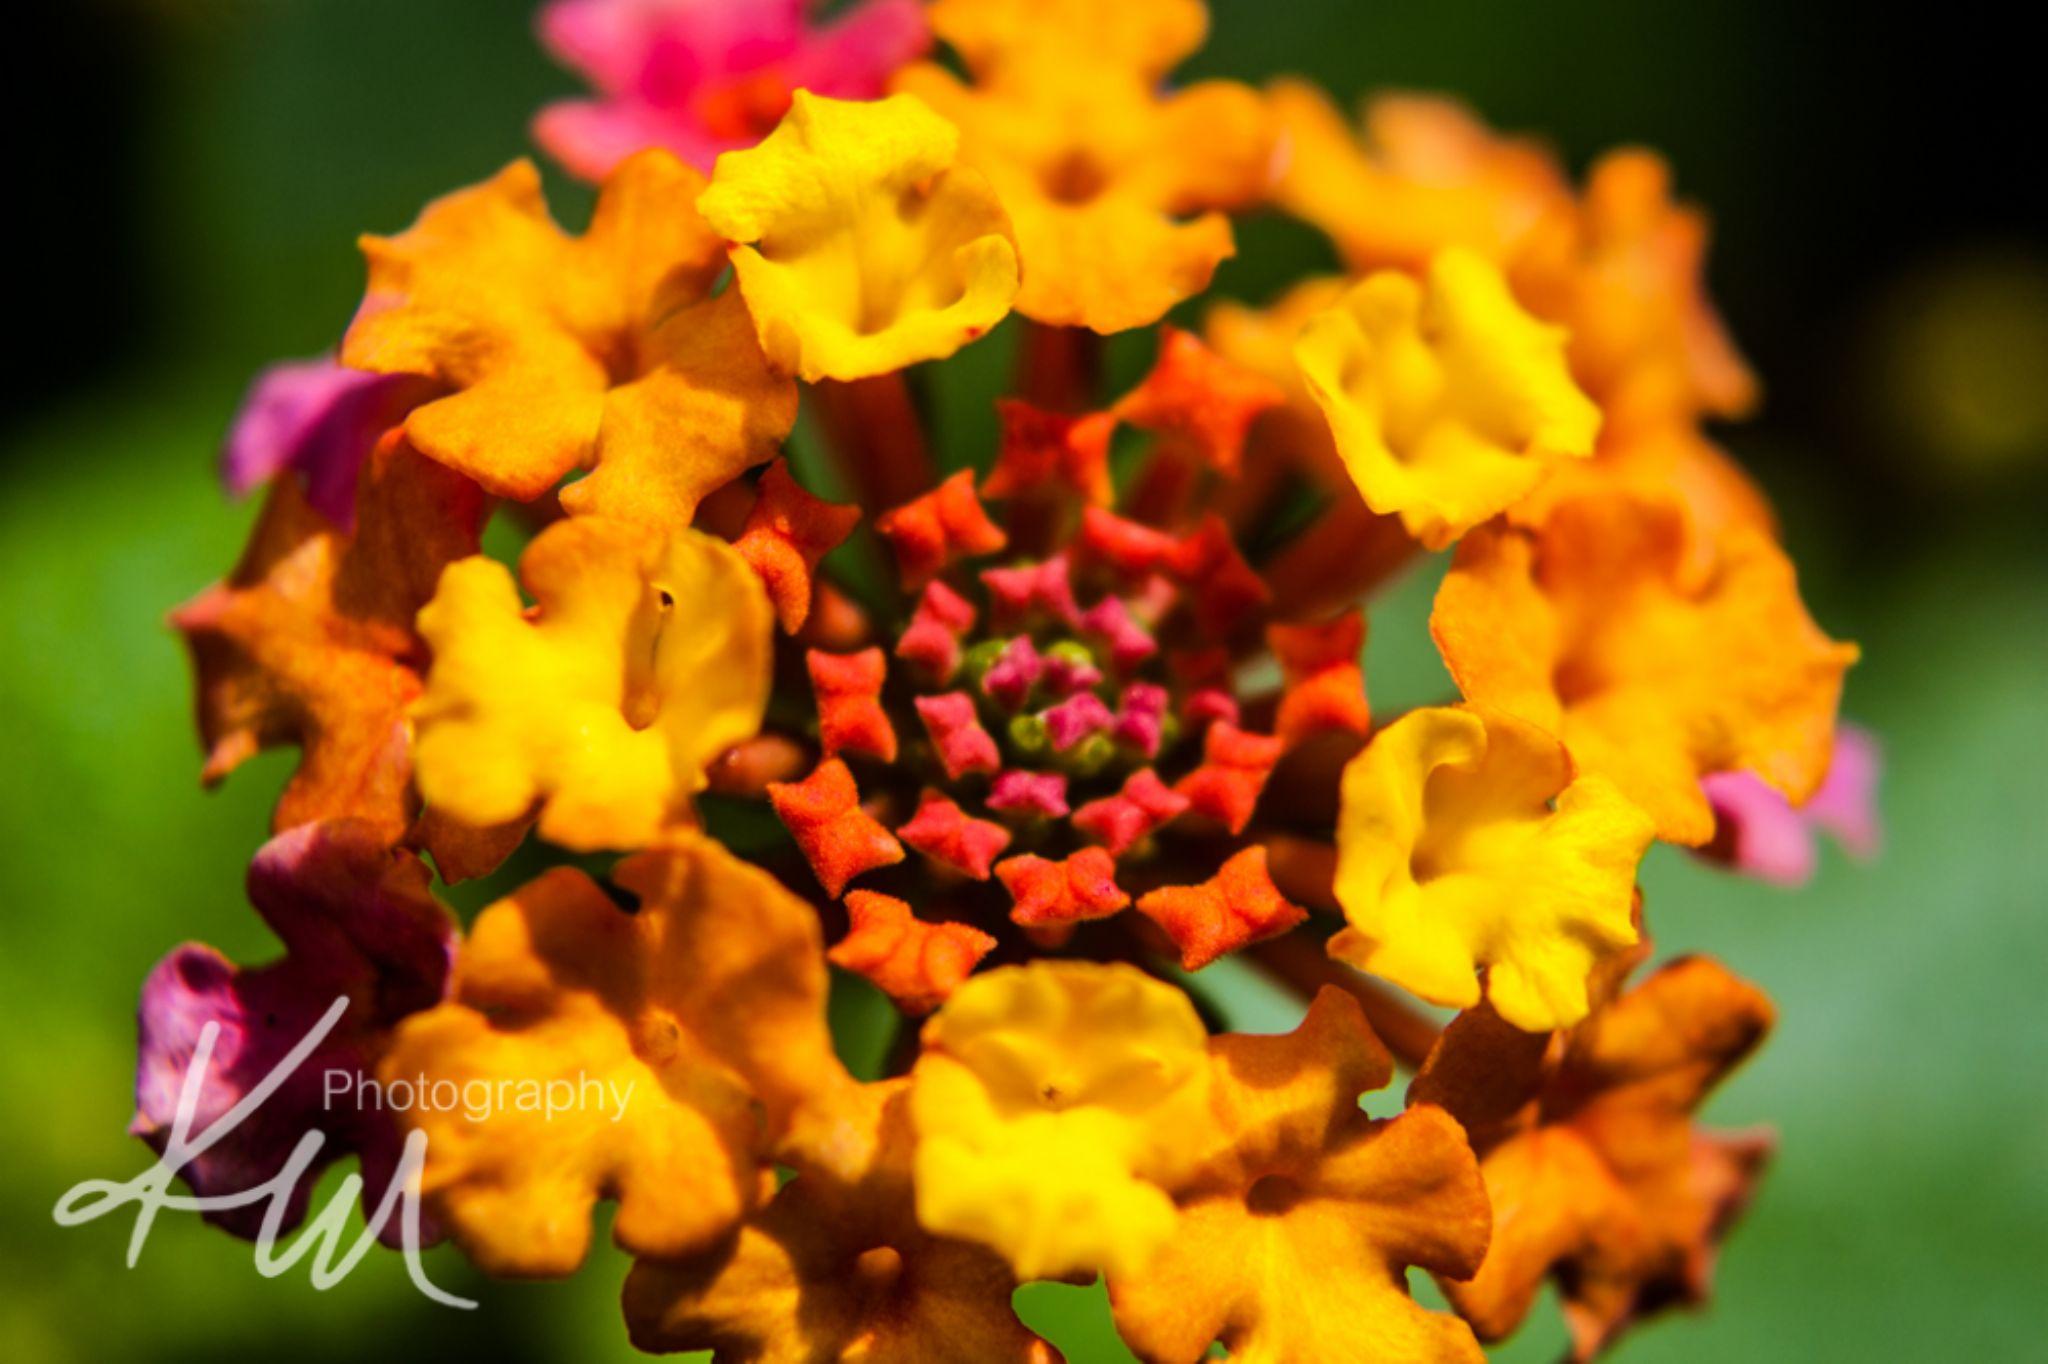 Lantana flower by Kali Morgan